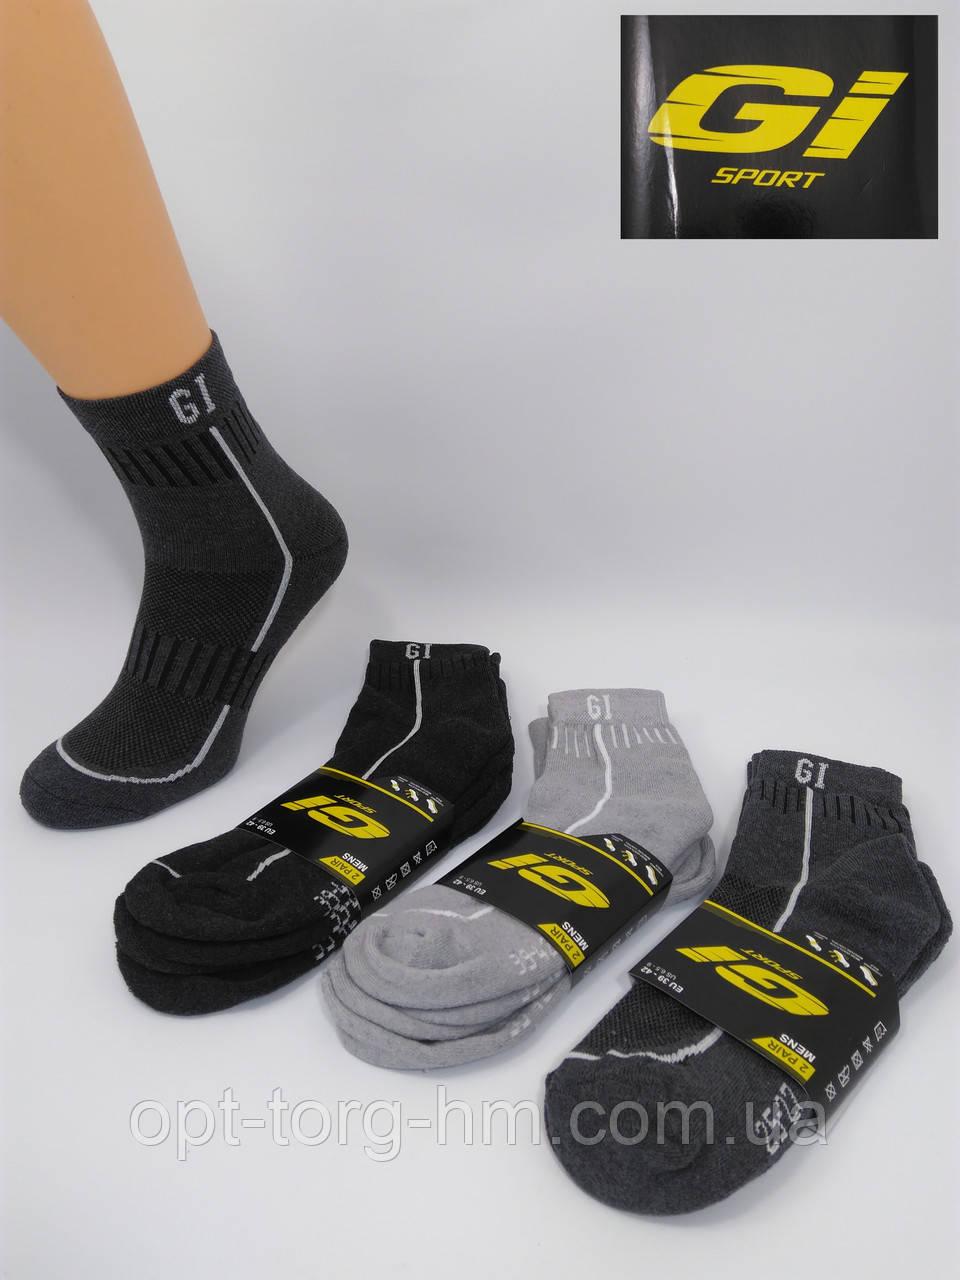 Стопа махровая. Полумахровые носки спорт